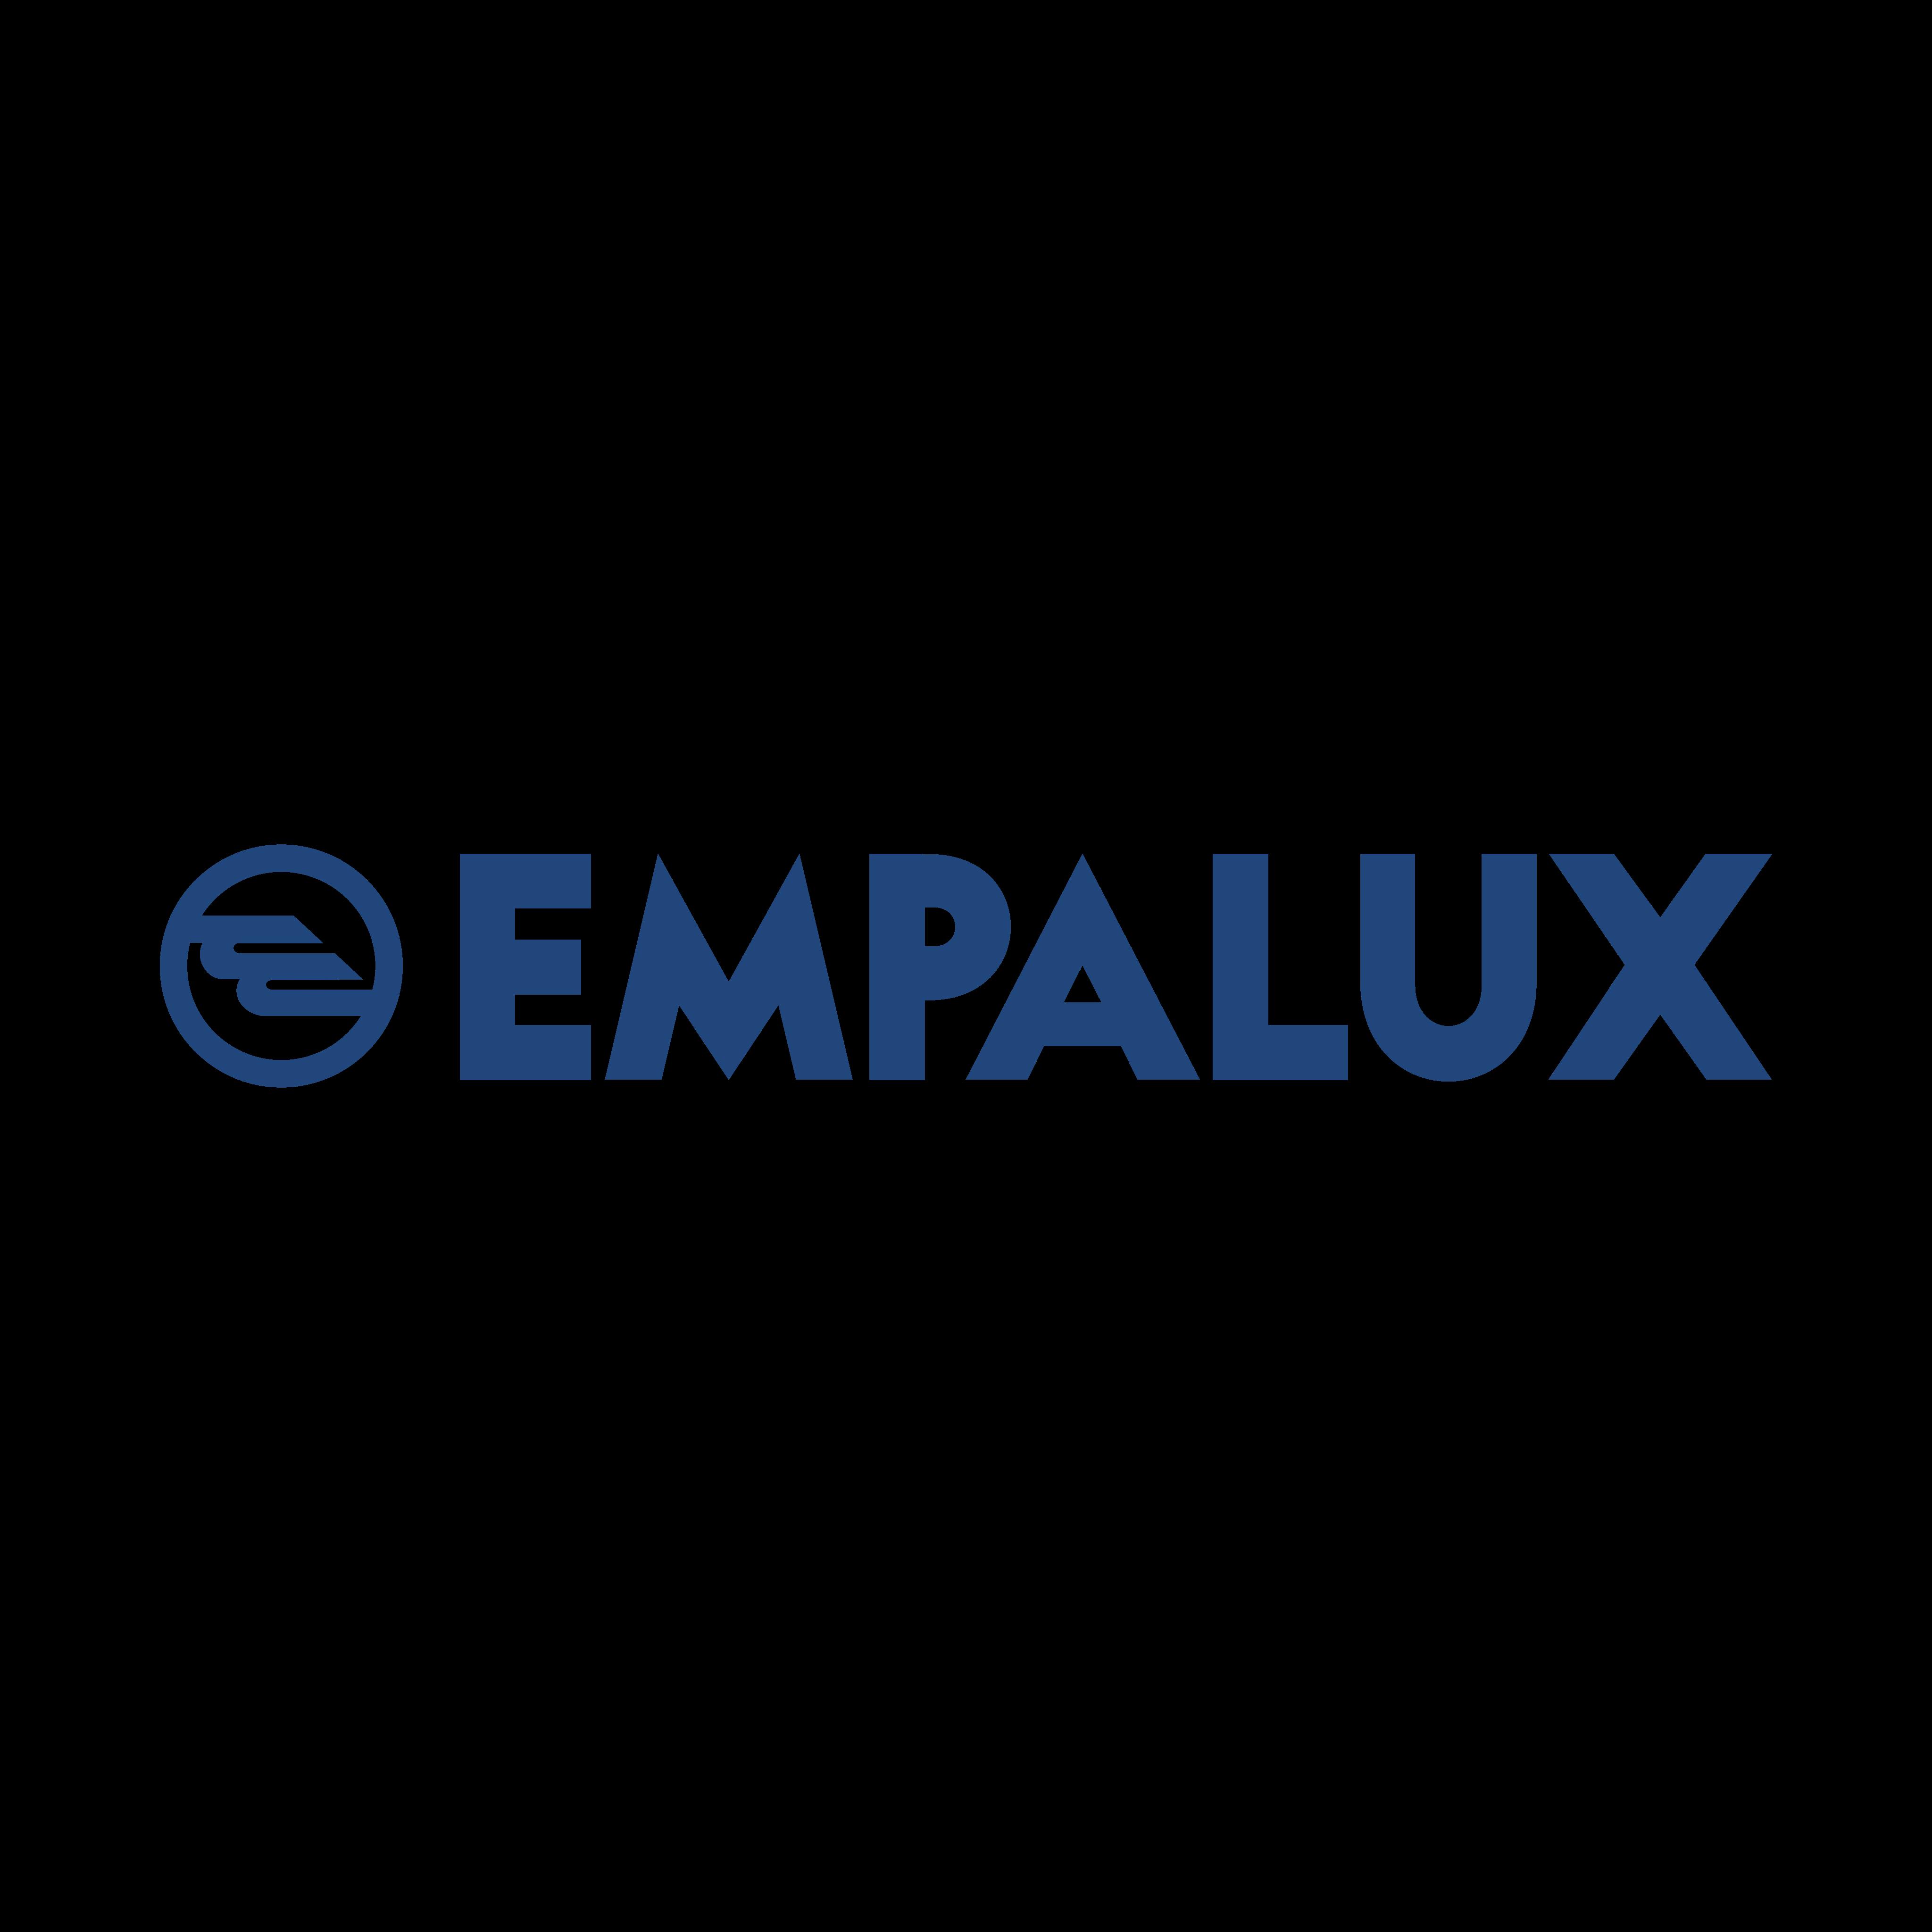 empalux logo 0 - Empalux Logo